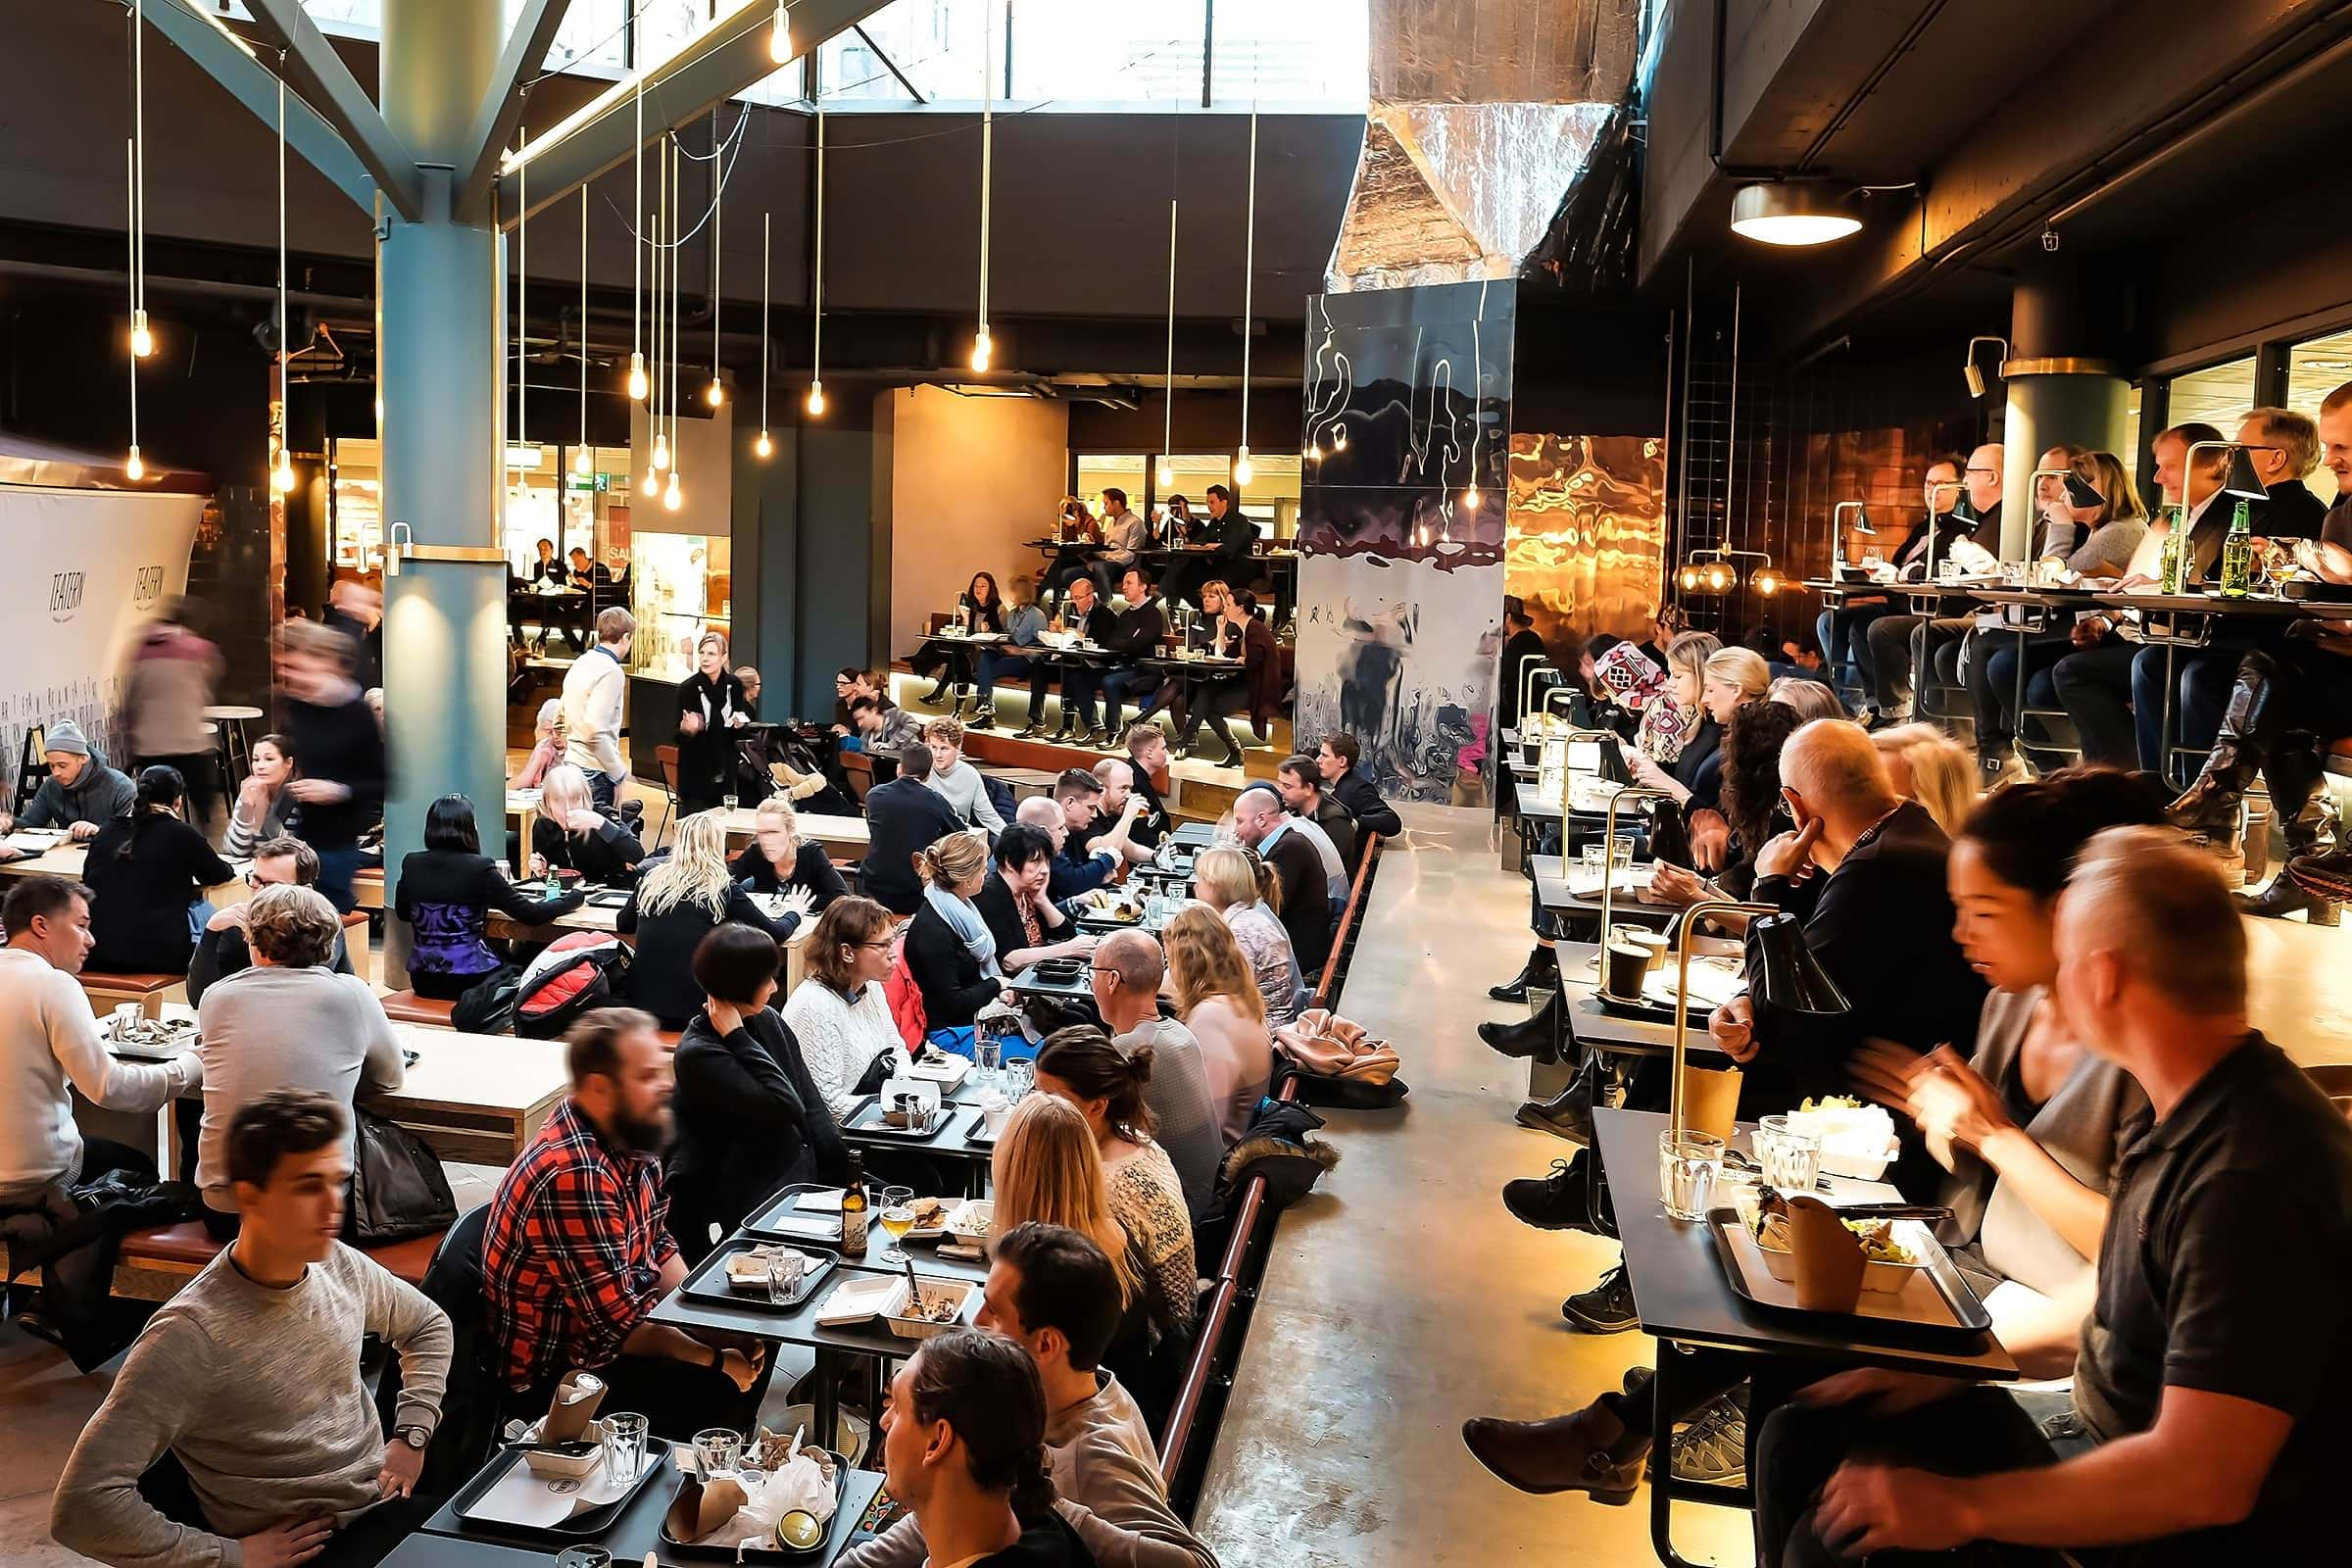 Matfestivalen Tugg gästas av Sveriges främsta kockar